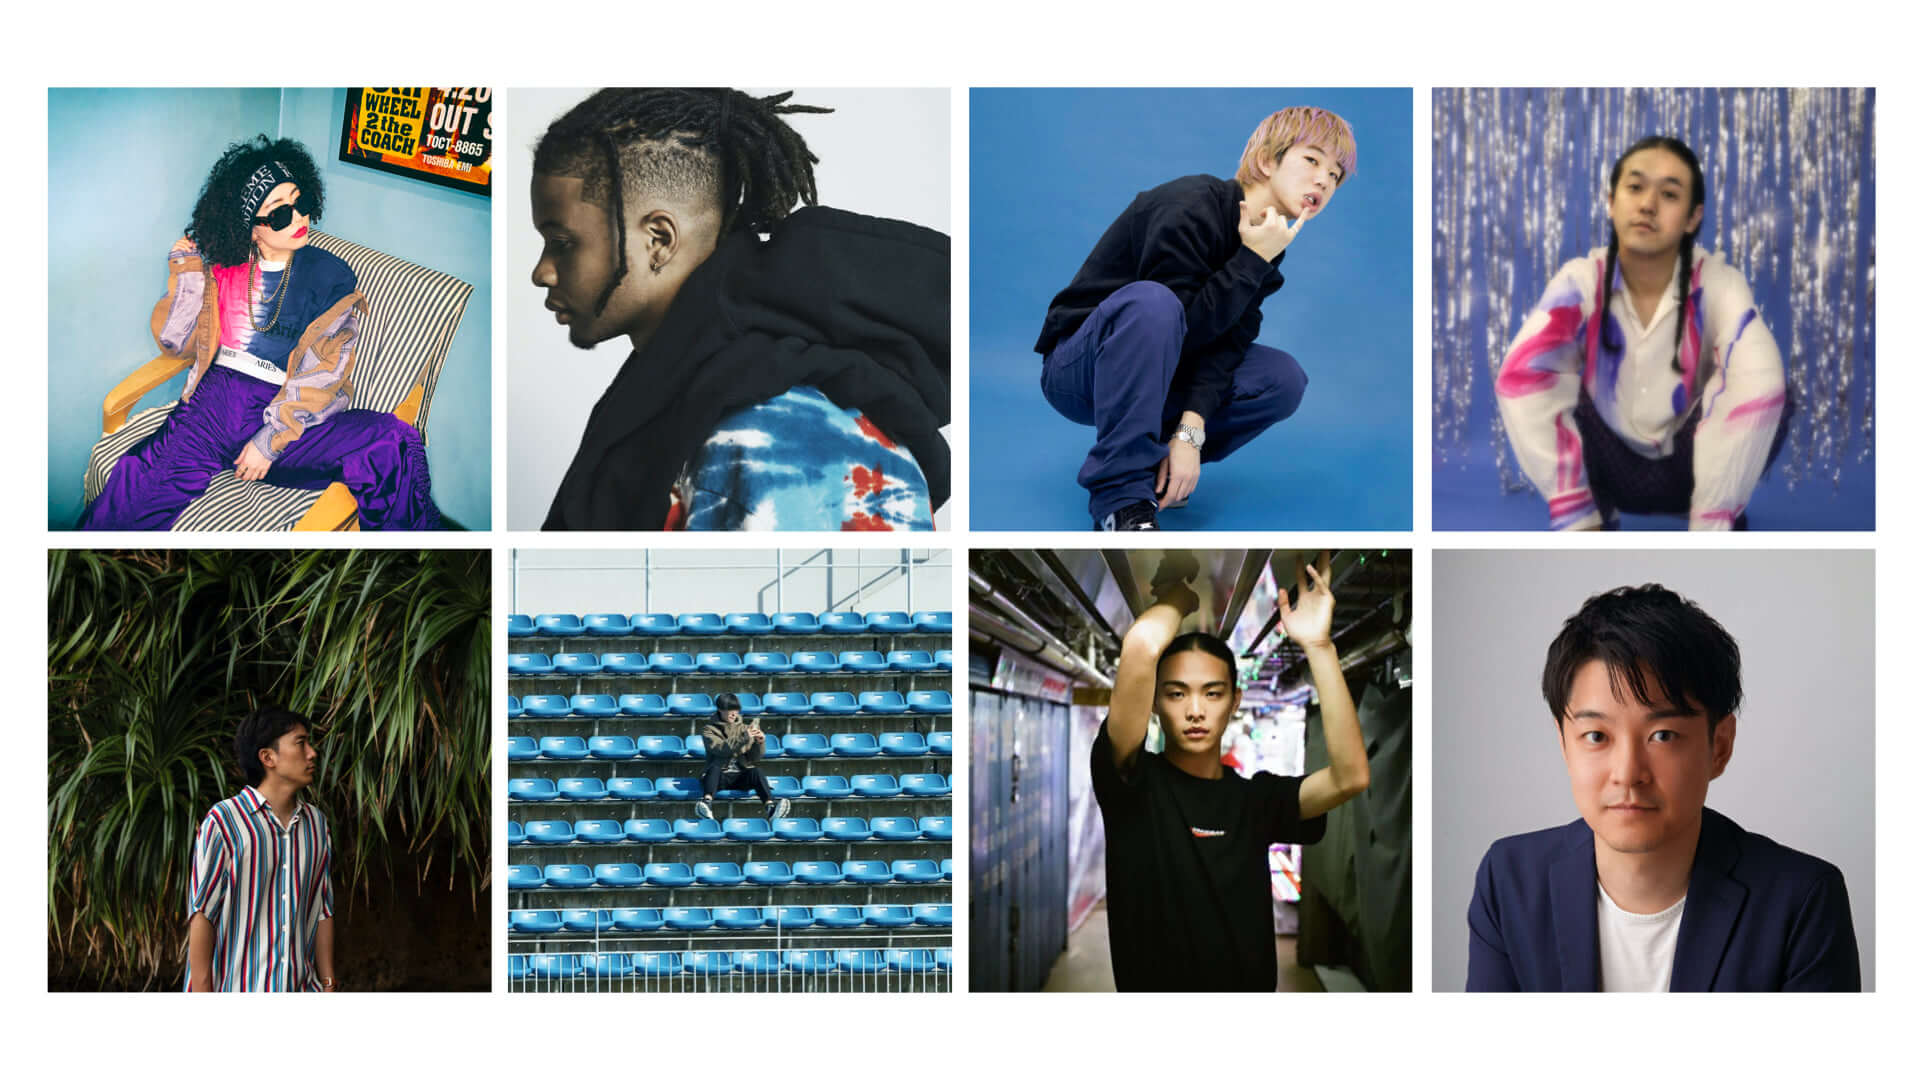 ヒップホップの楽曲制作、配信、プロモーションを学べる「Beat, Flow and Promotion」が2次募集を開始!BABEL LABELの月神ユエも参加 music200804_beat-flow-and-promotion_1-1920x1080